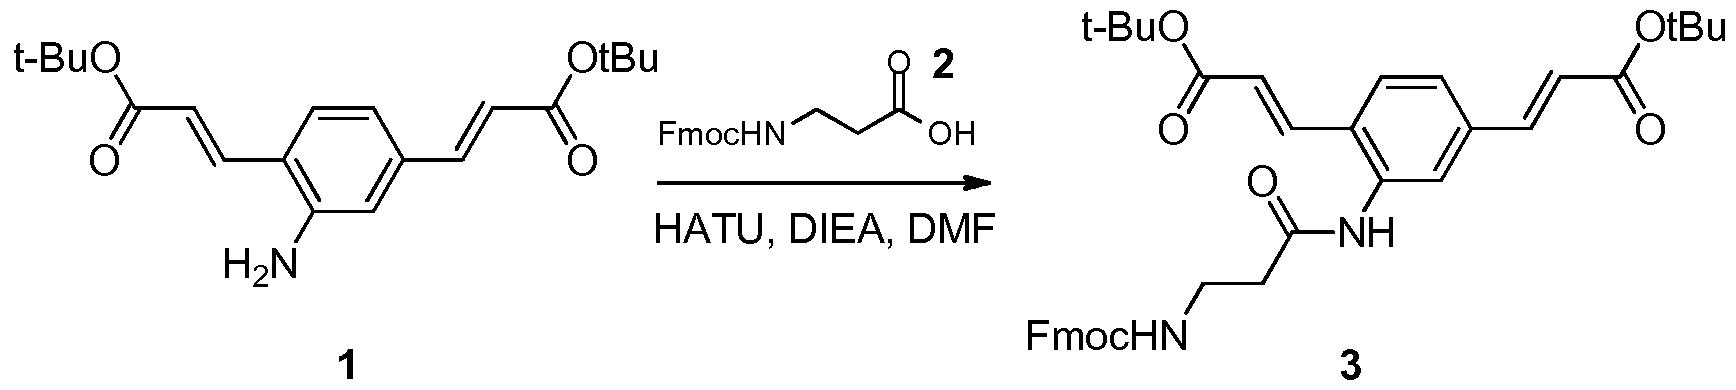 Figure imgf000257_0001